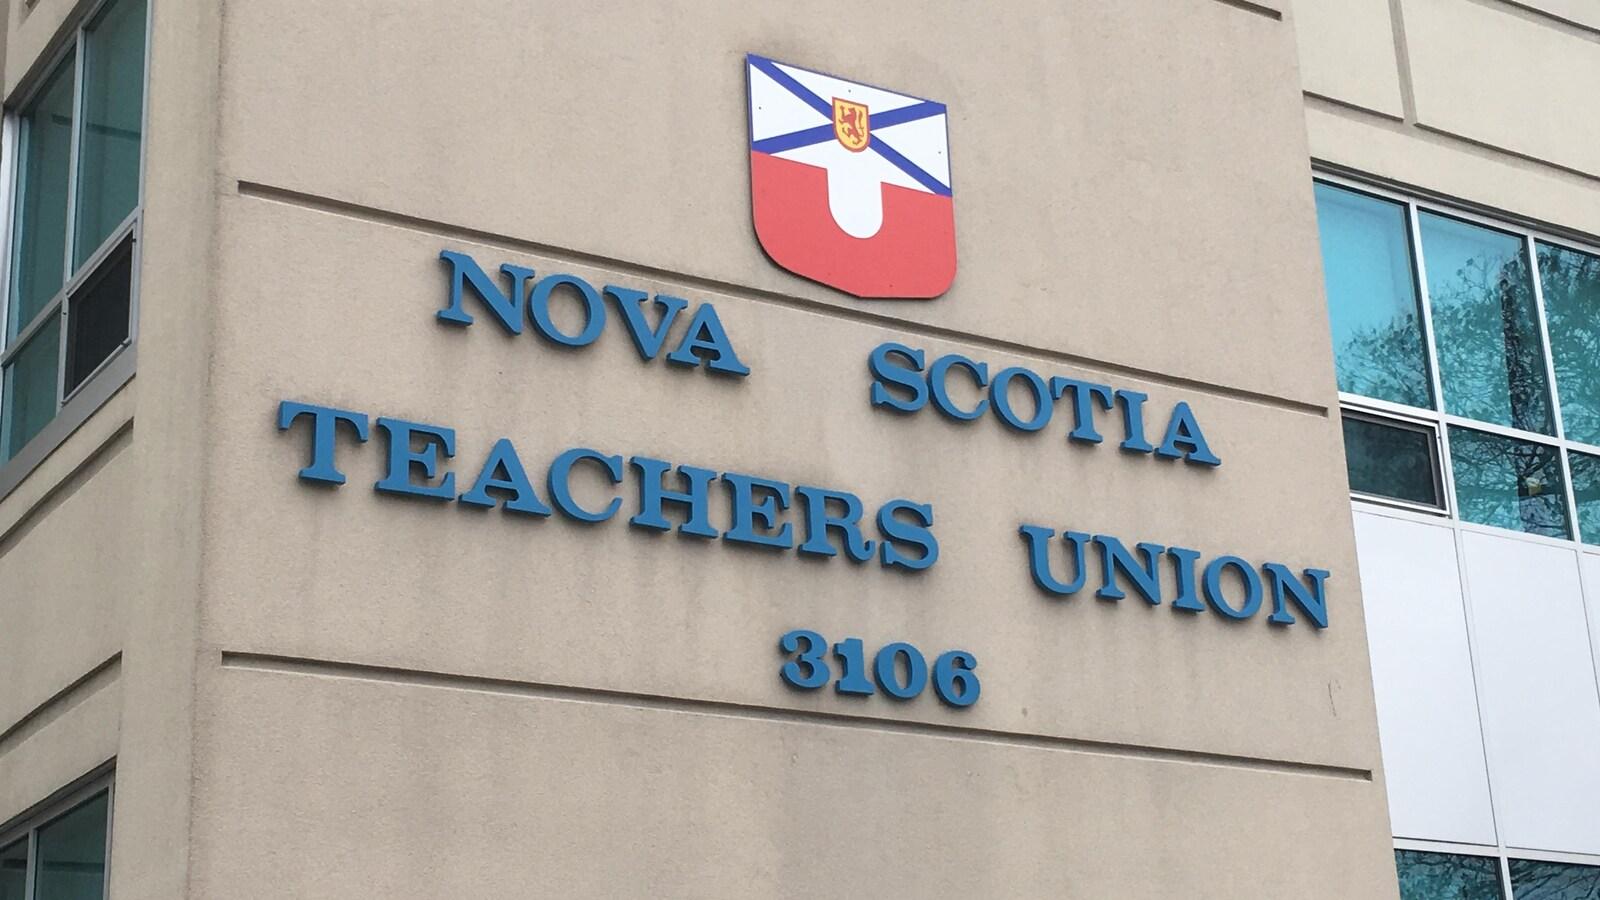 Les locaux du Syndicat des enseignants de la Nouvelle-Écosse (NSTU) à Halifax.